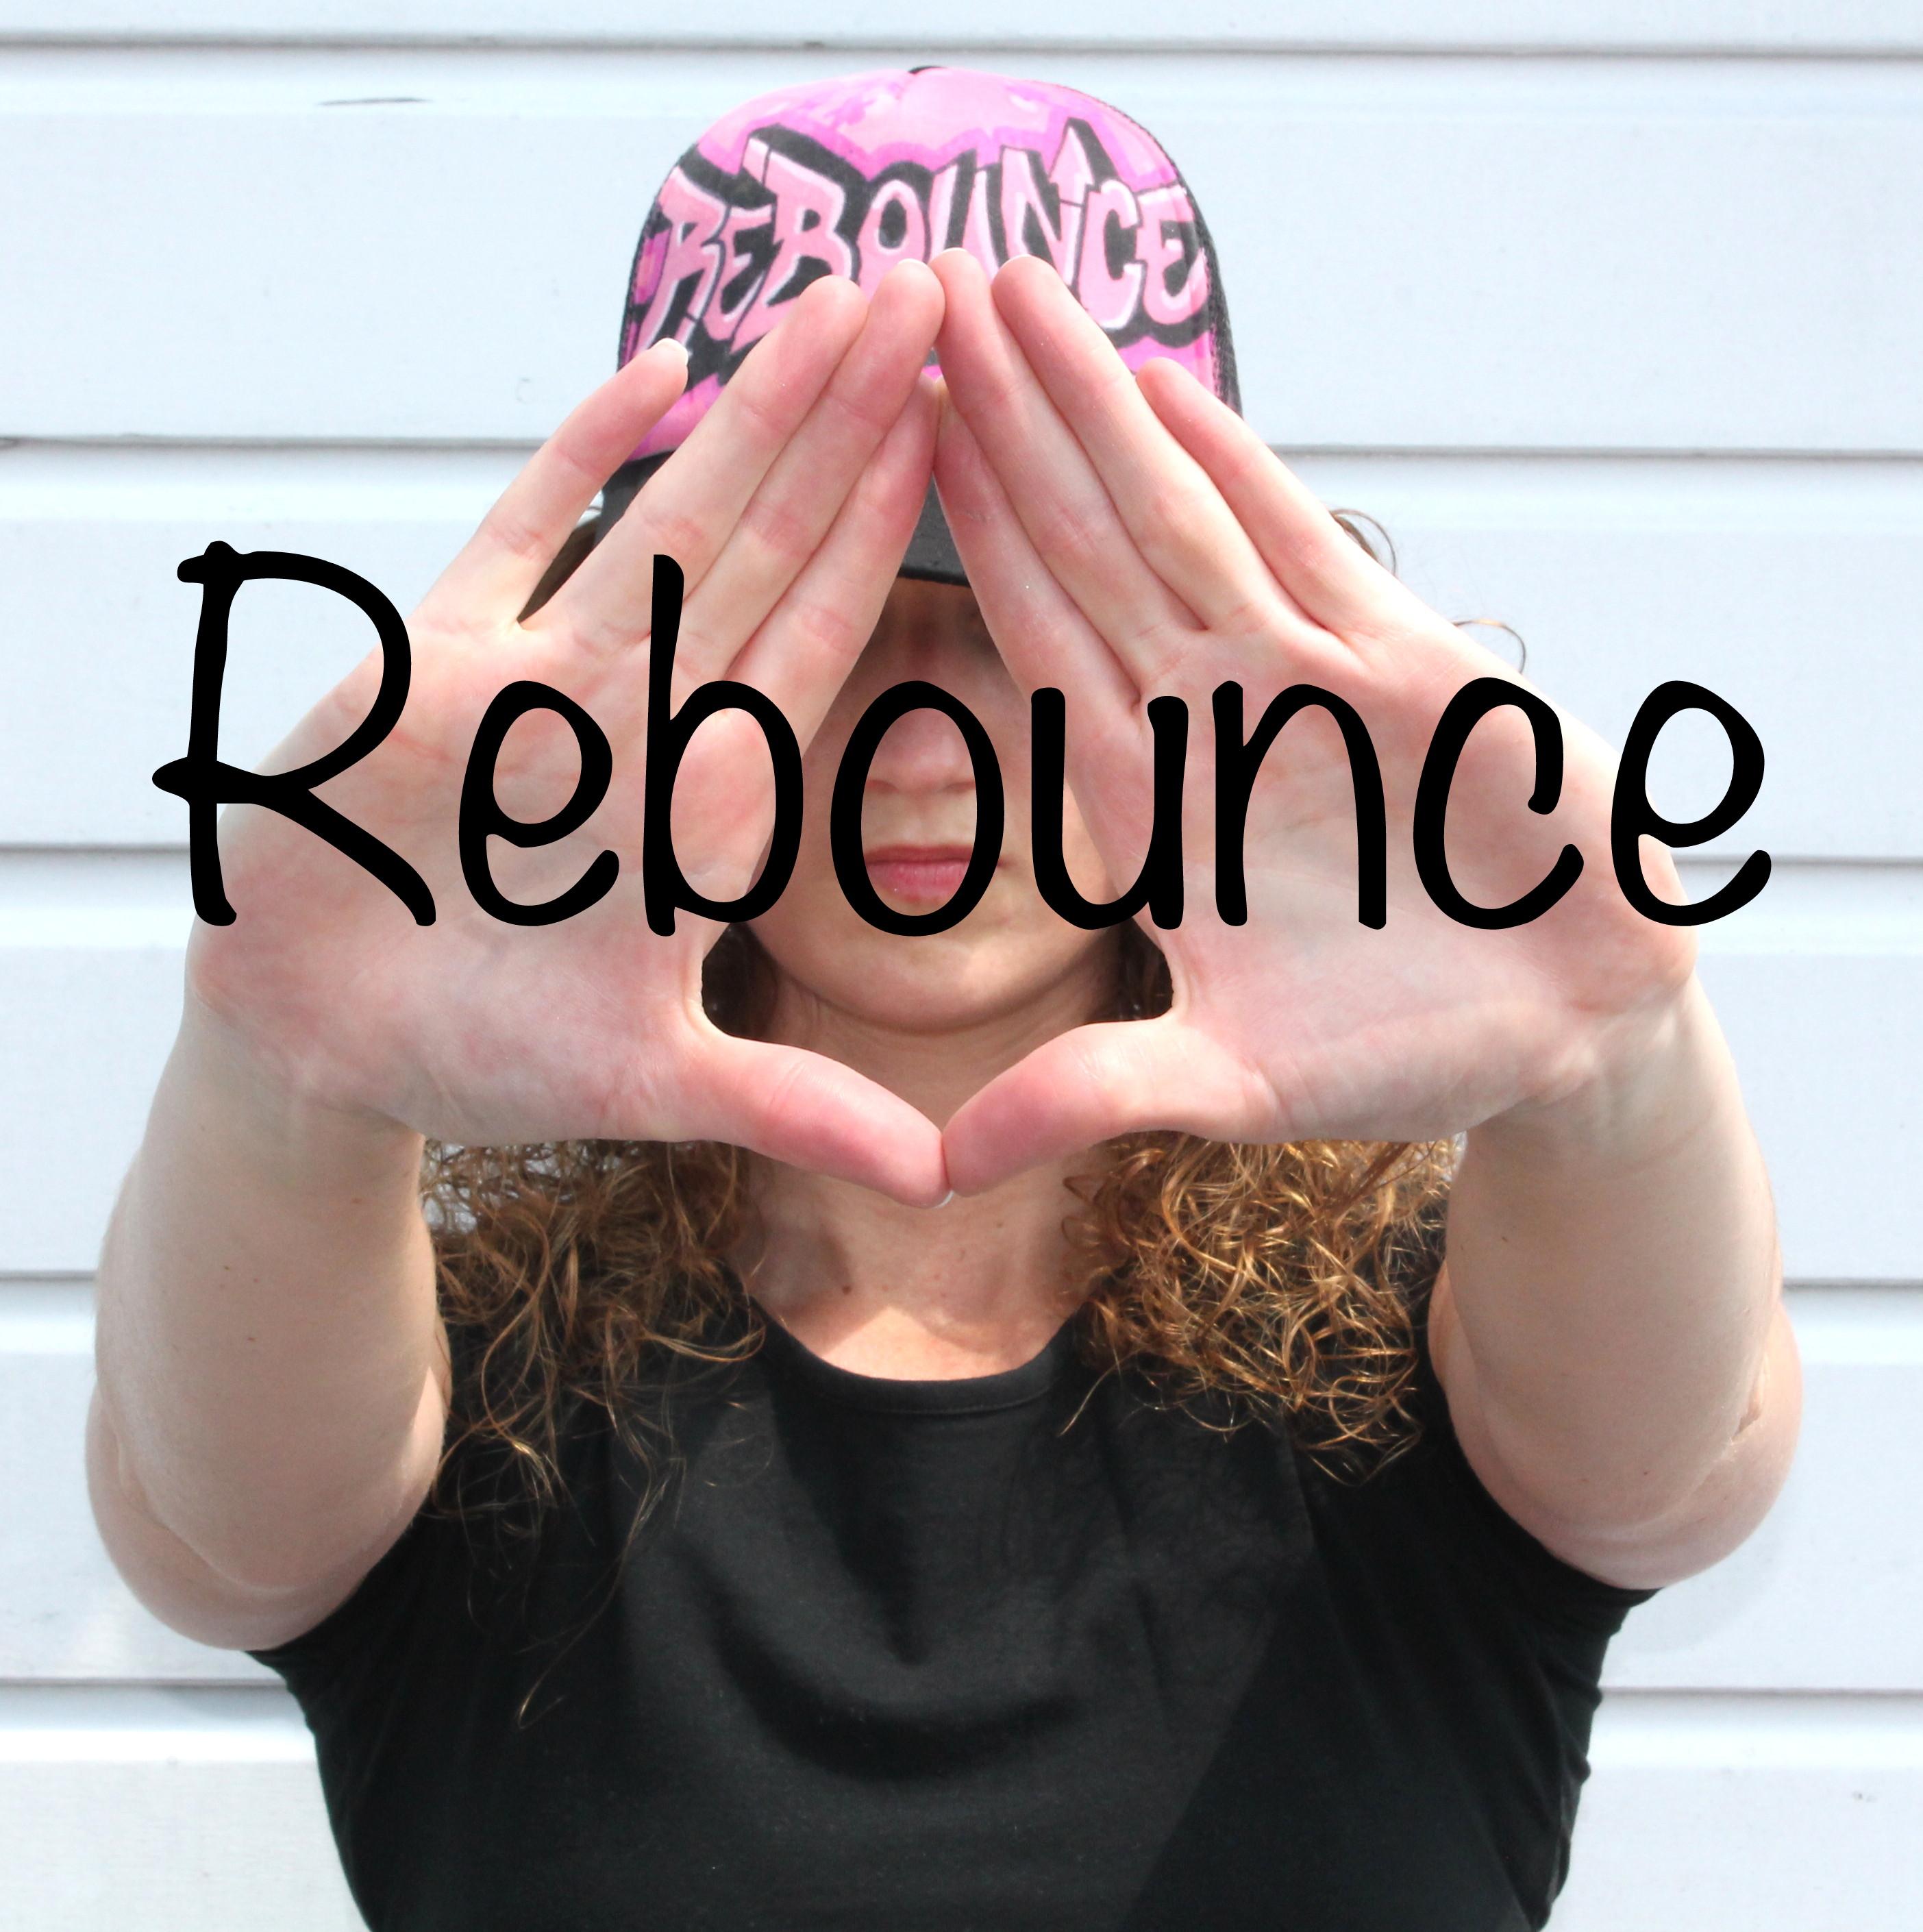 Hiphop ReBounce